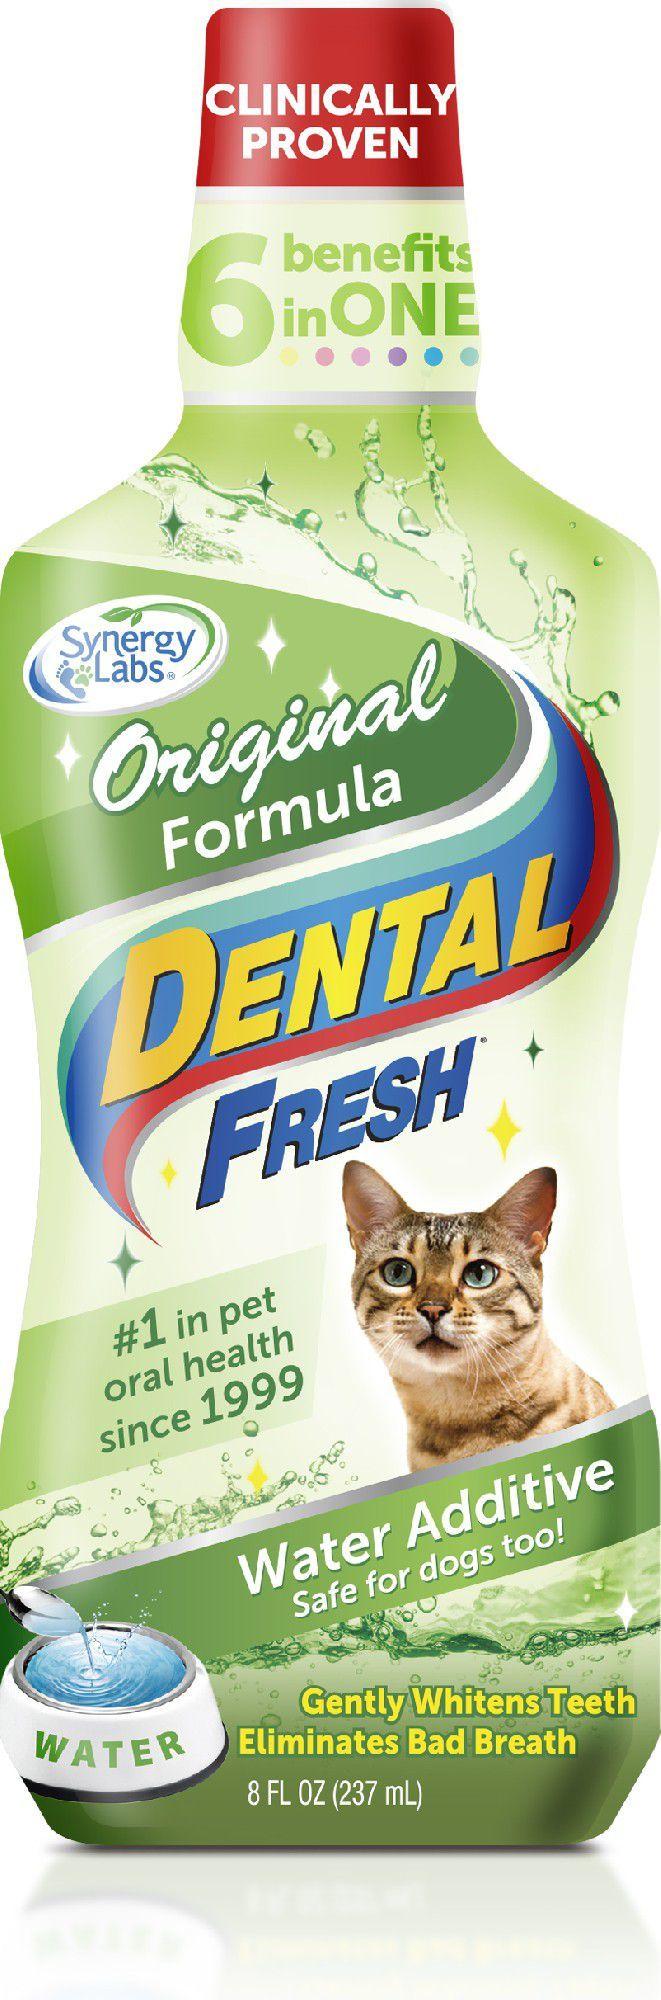 Synergy Labs Dental Fresh Specjalna Formuła dla Kota 237 ml 1